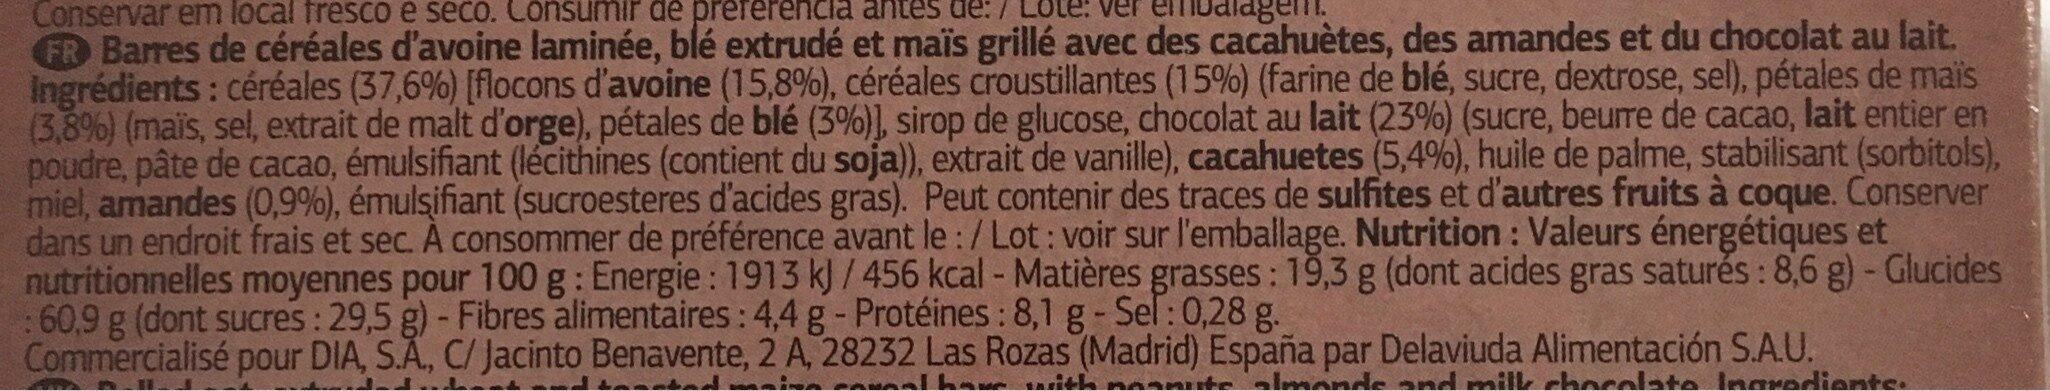 Barres de céréales avec du chocolat au lait - Ingredients - fr